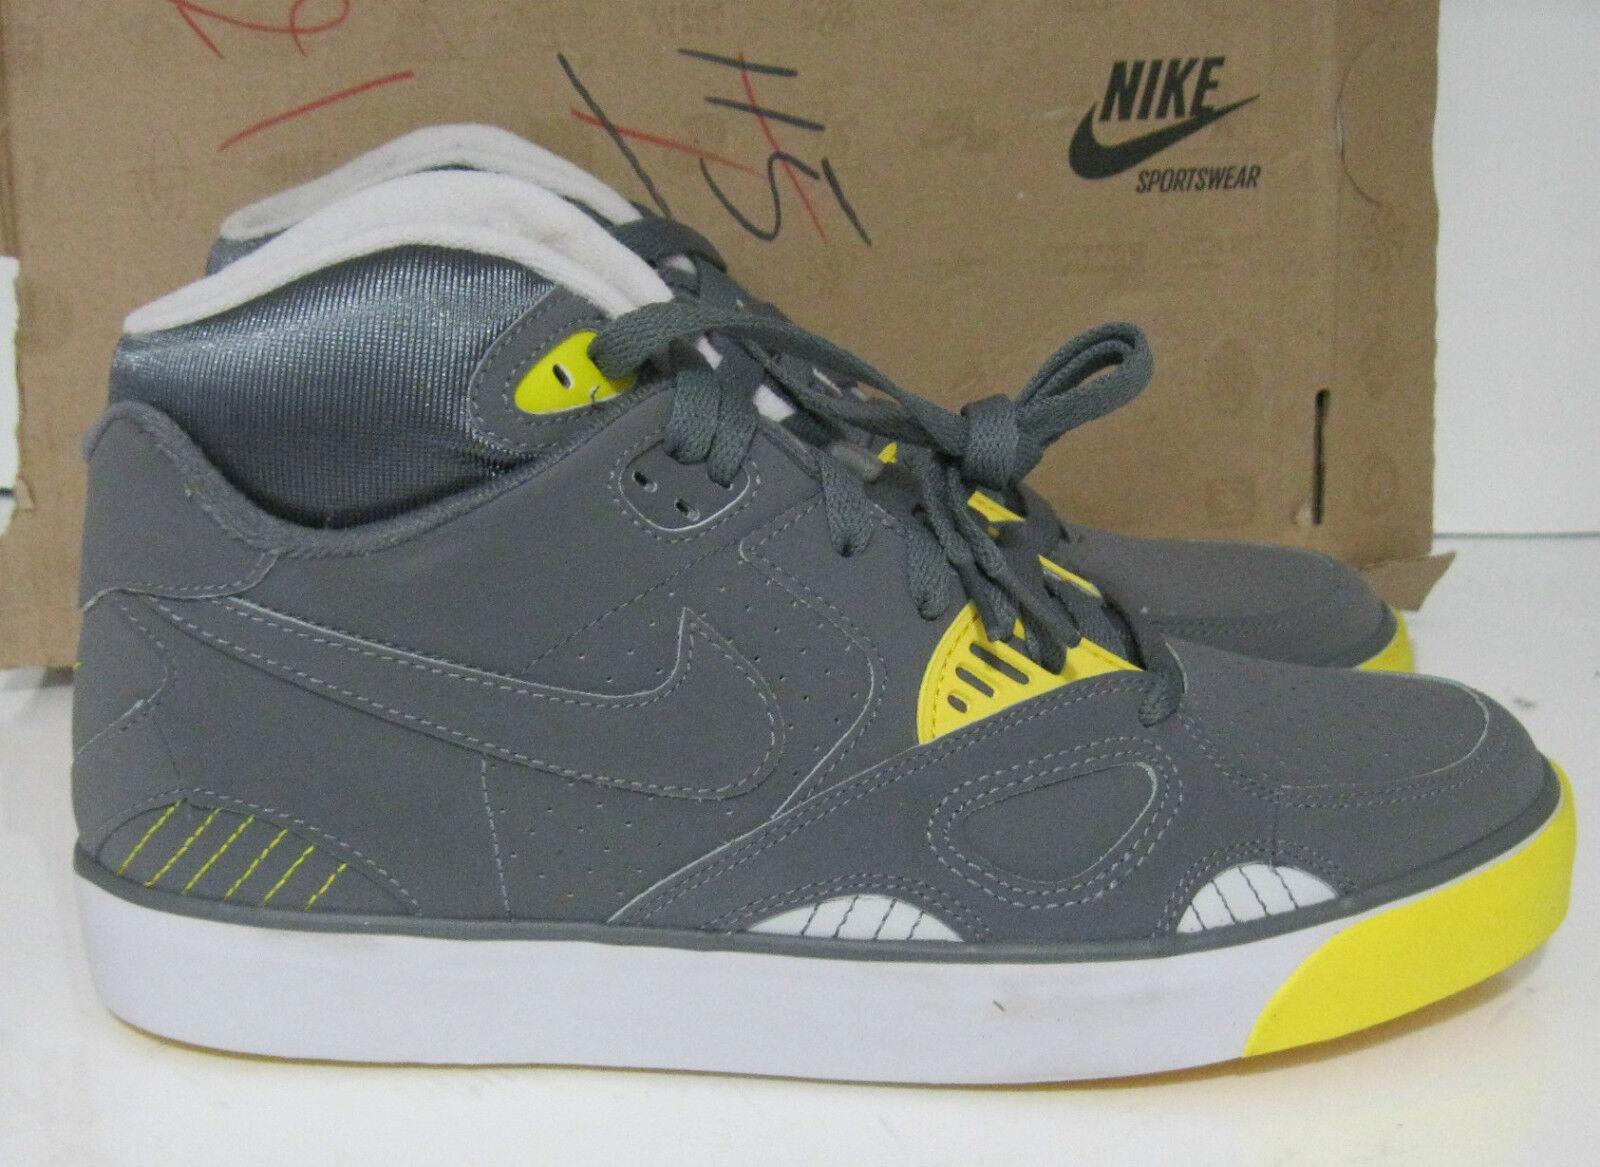 Nike - trainer (neutralen graudynamische gelb) turnschuhe 407935-002 größe 8,5